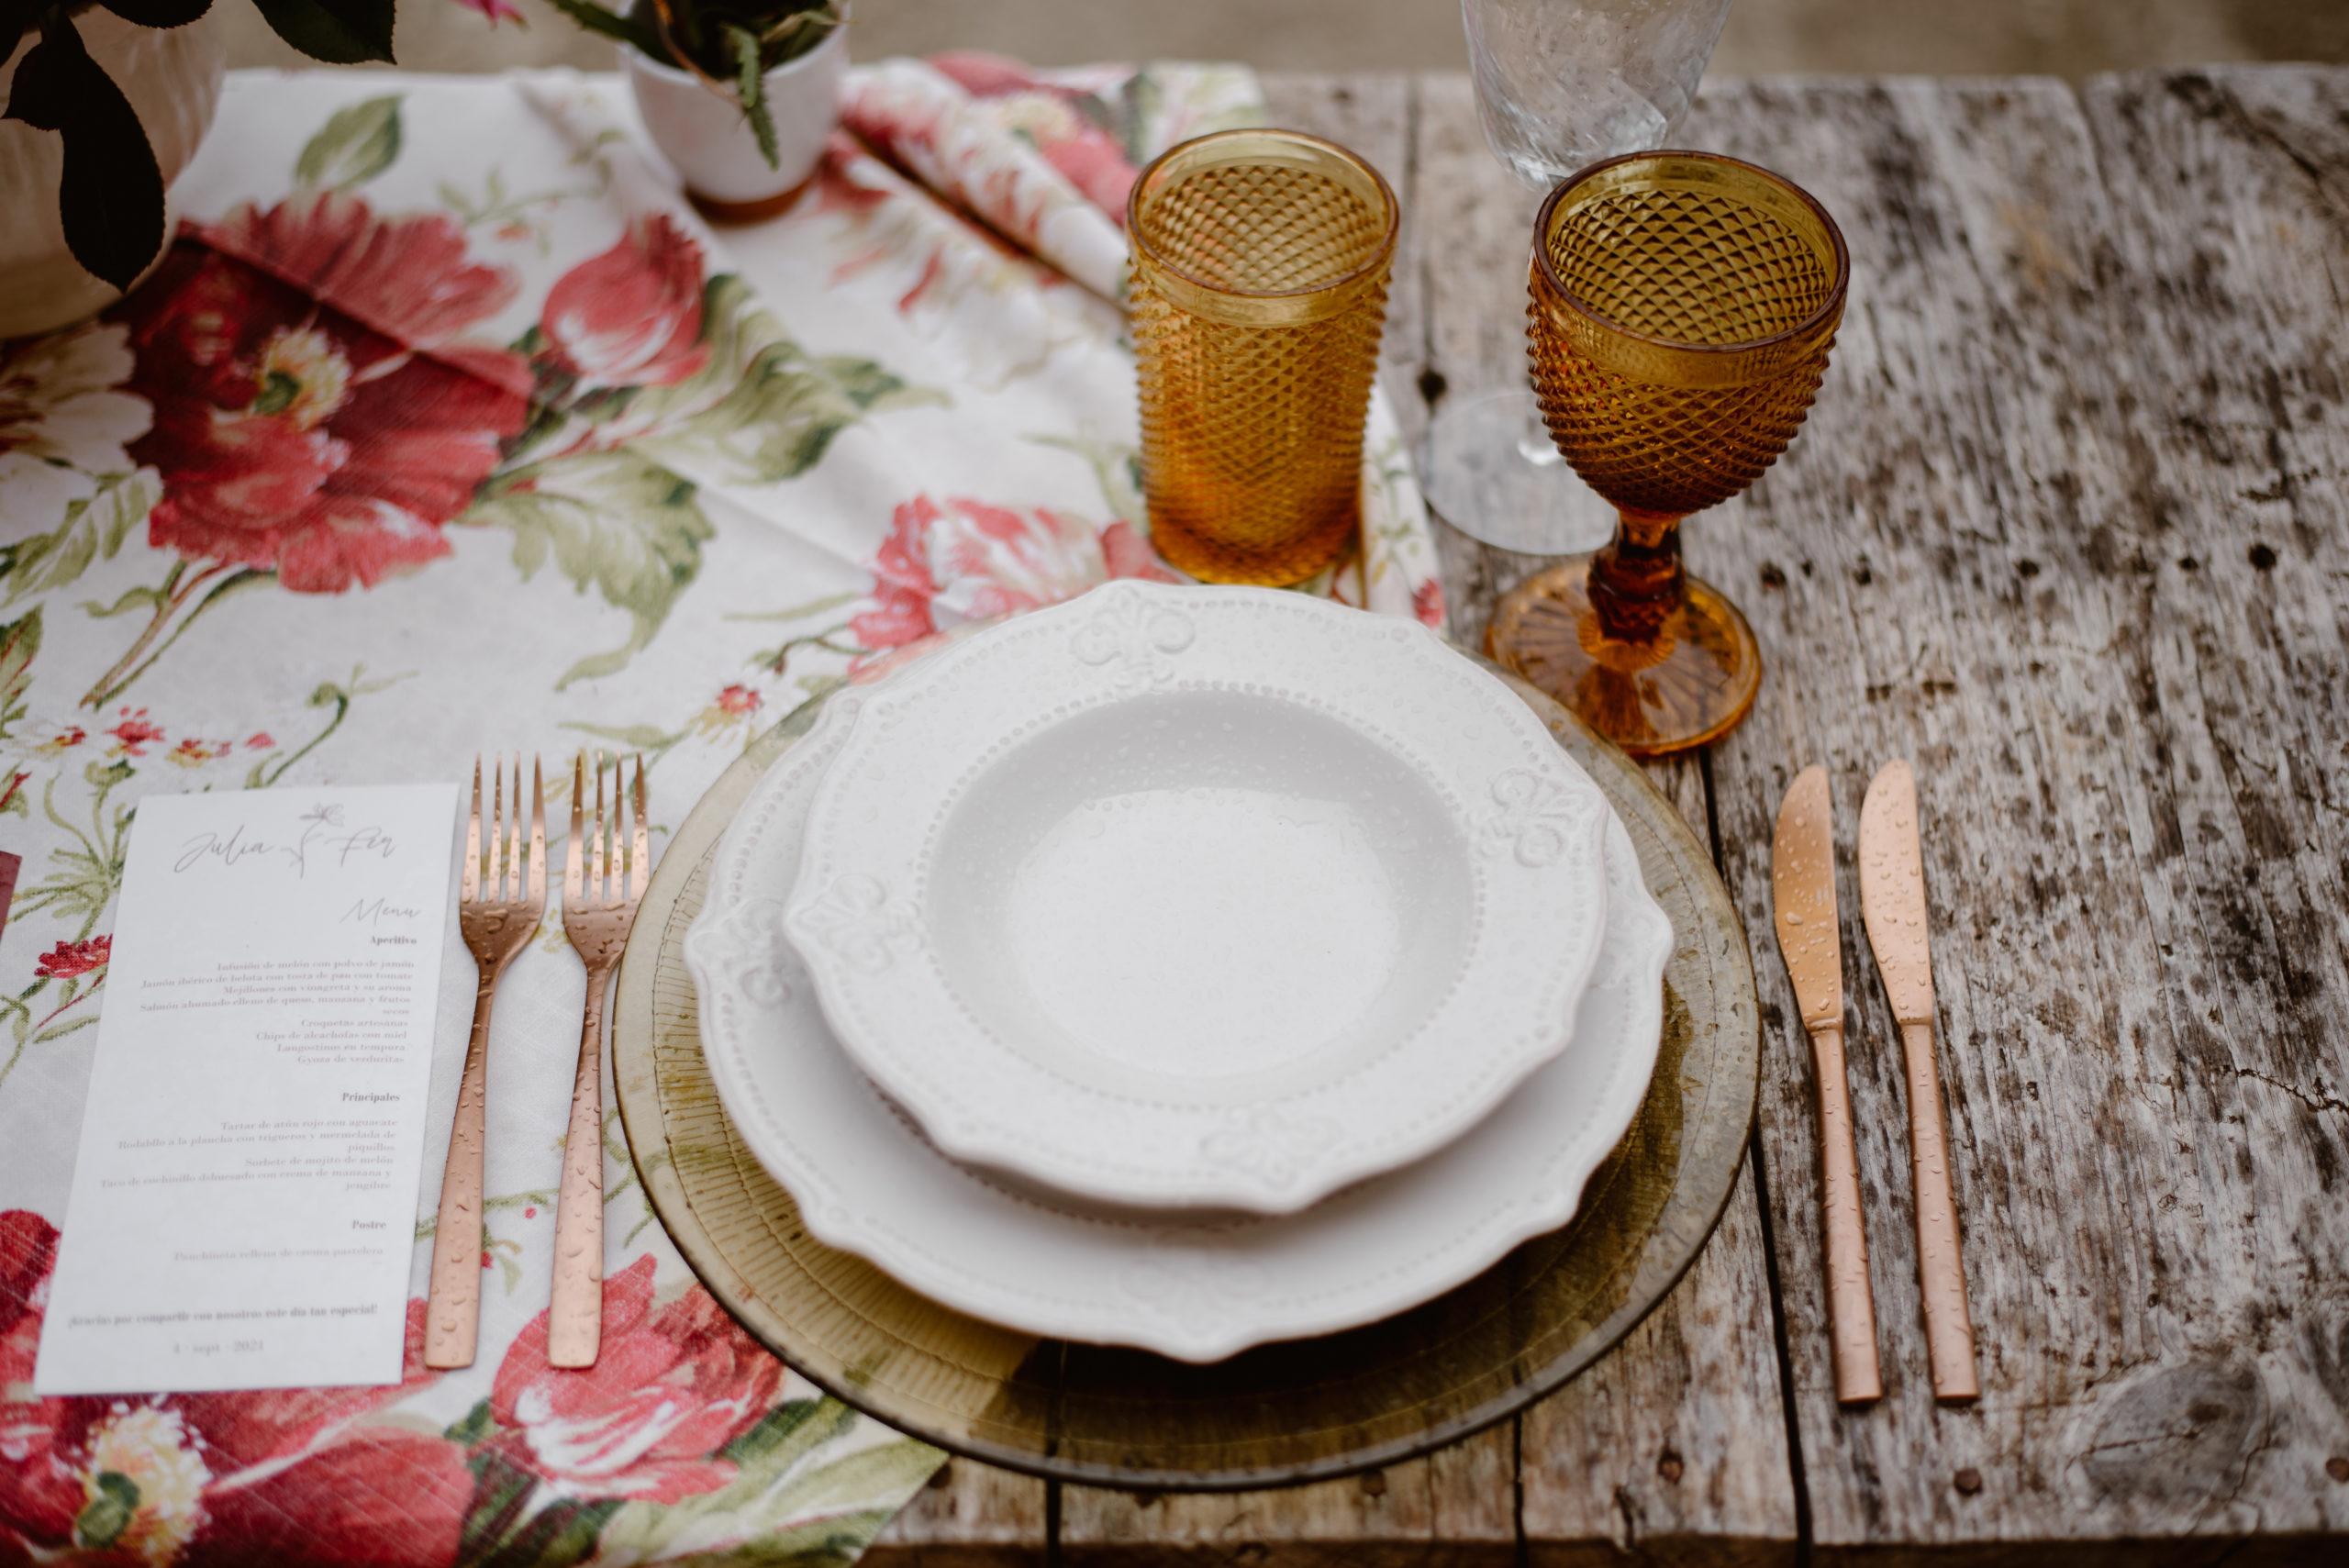 Bajoplato, platos, cubiertos, copas de colores, mantel floral y minutas personalizadas